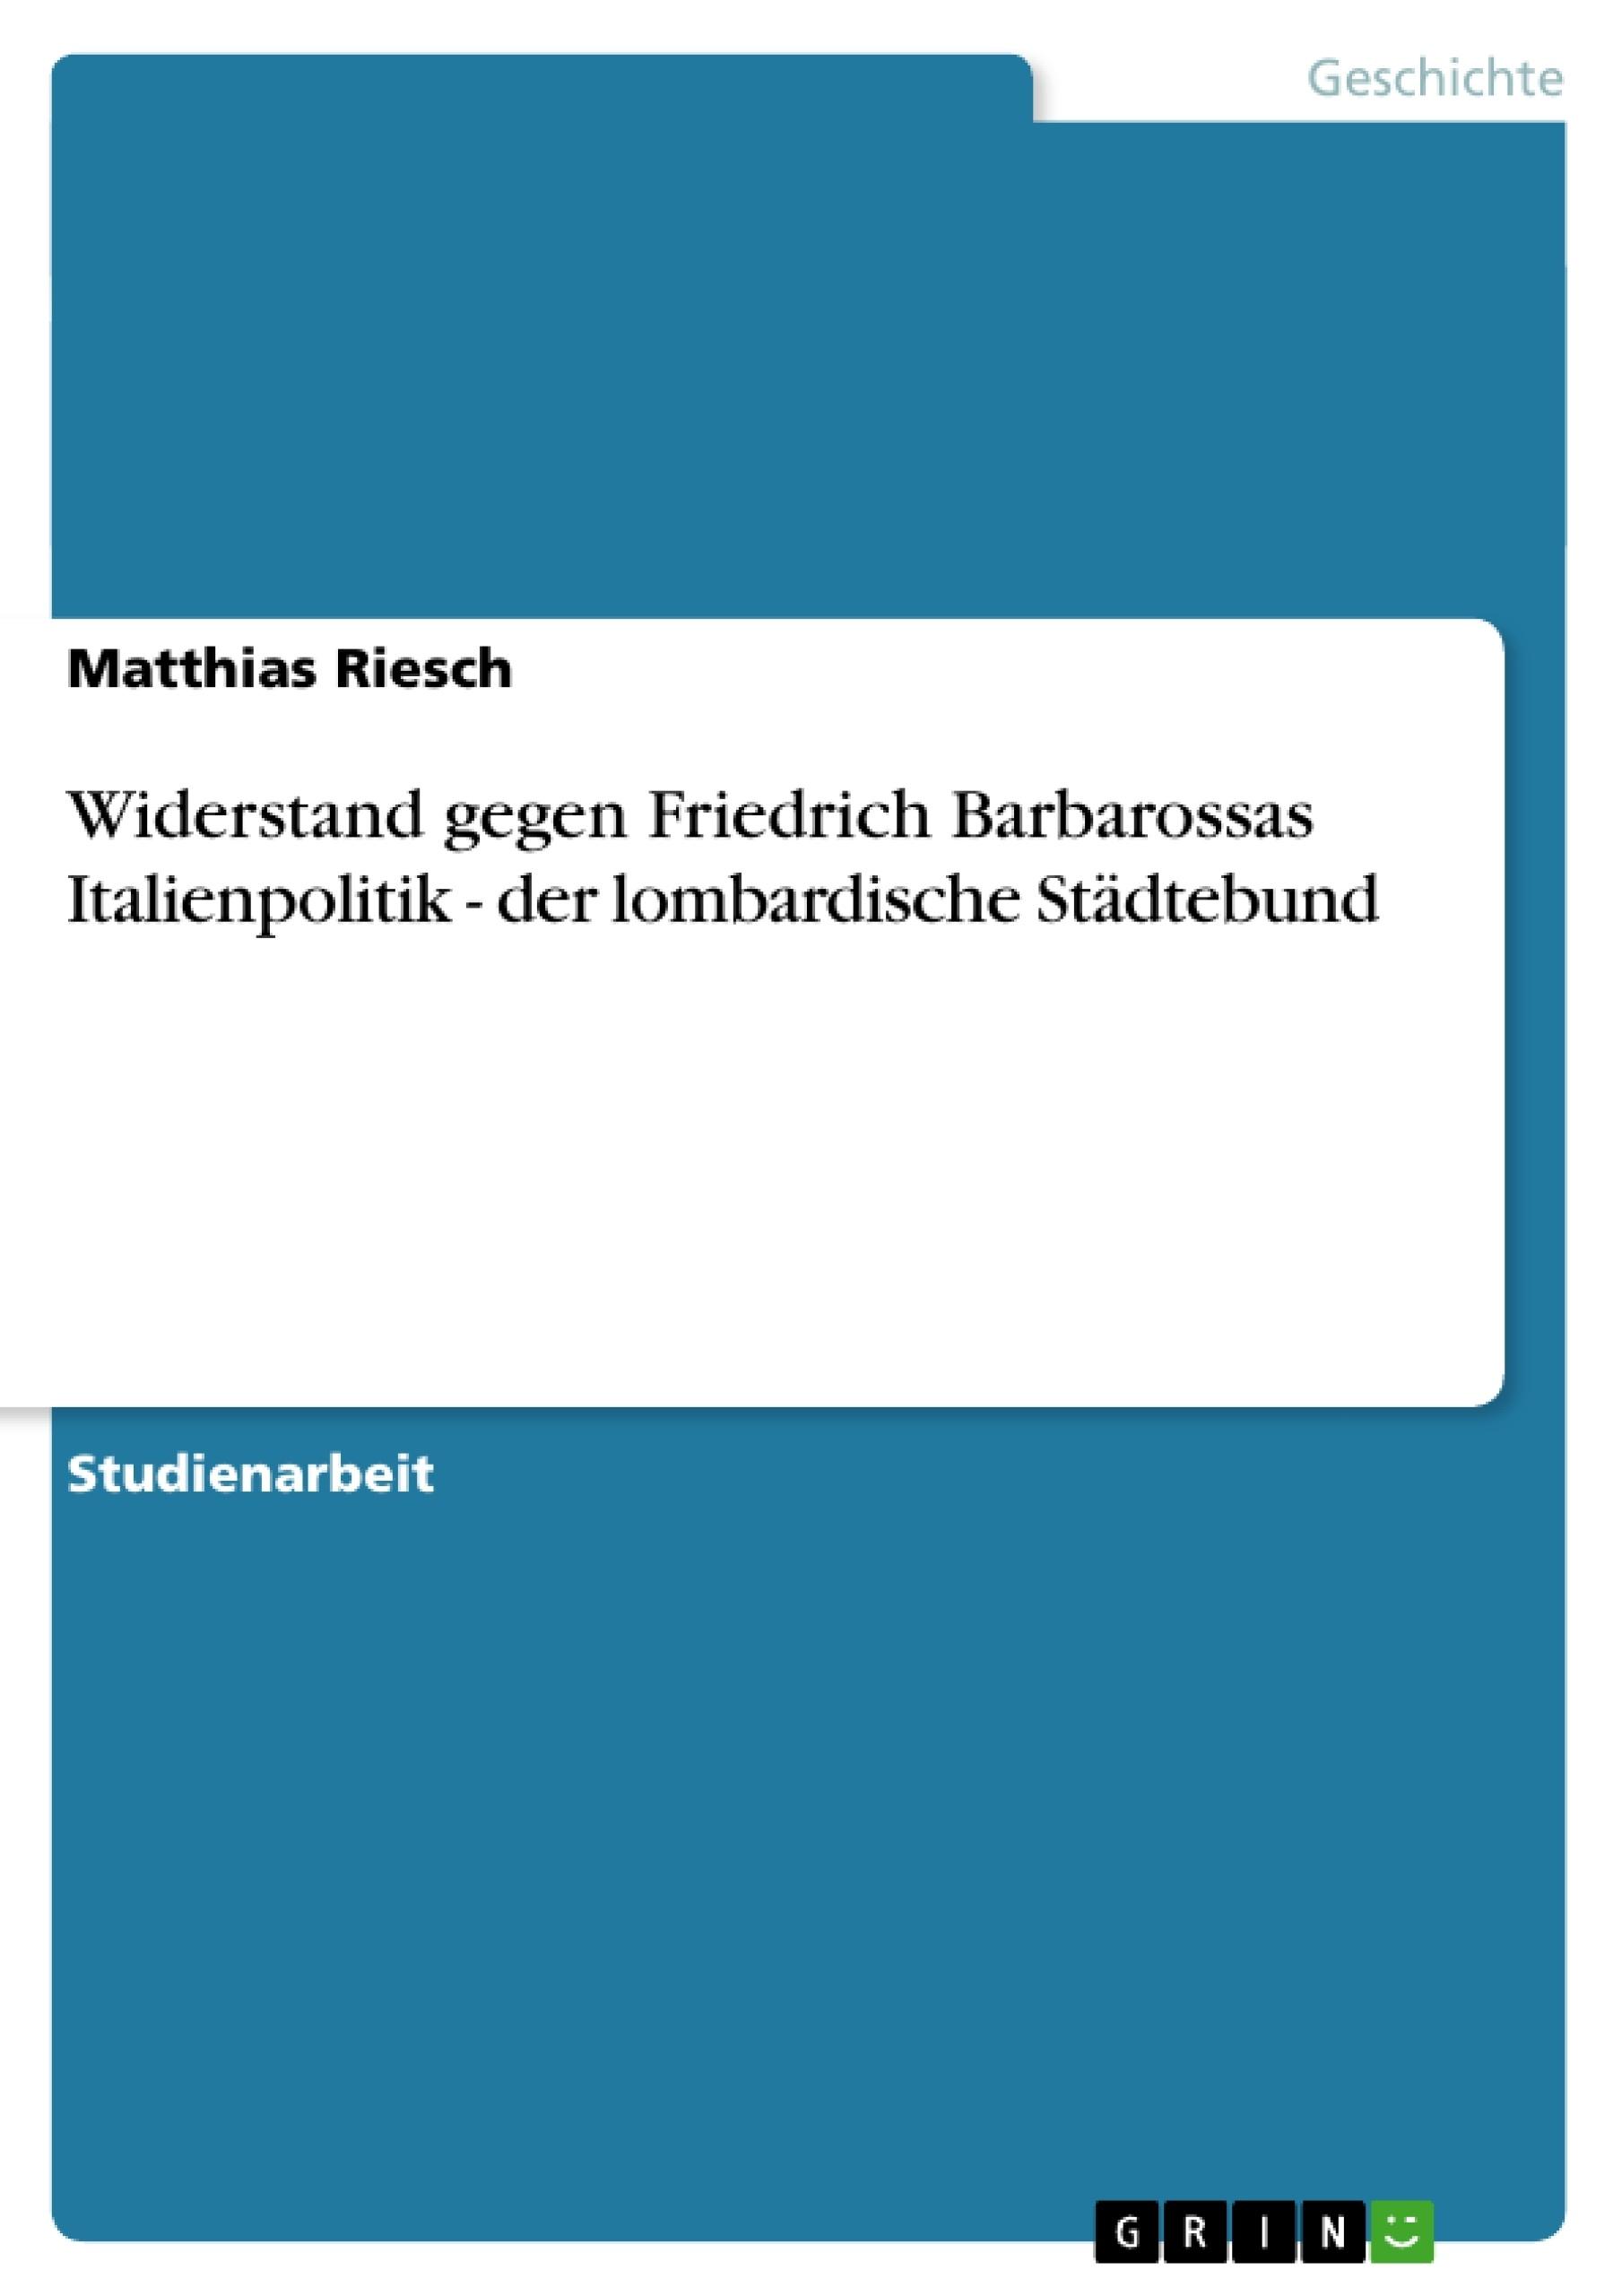 Titel: Widerstand gegen Friedrich Barbarossas Italienpolitik - der lombardische Städtebund